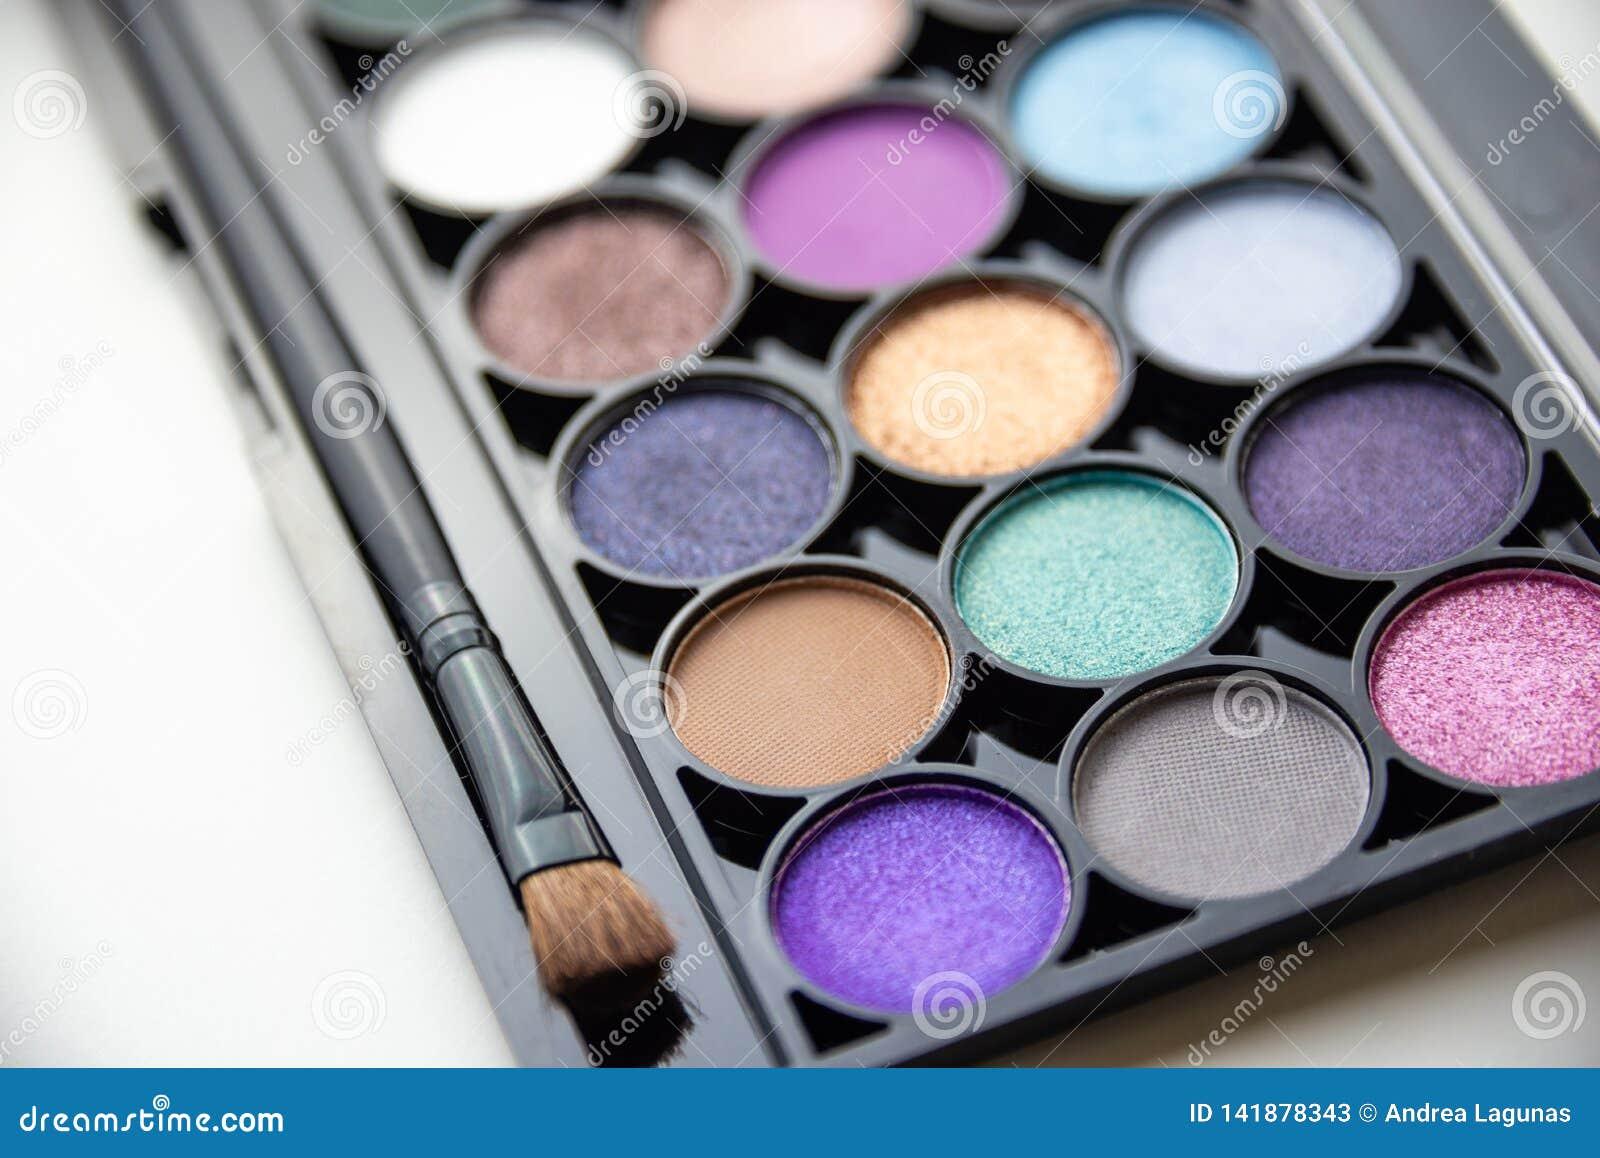 Paleta de sombras coloridas com escova